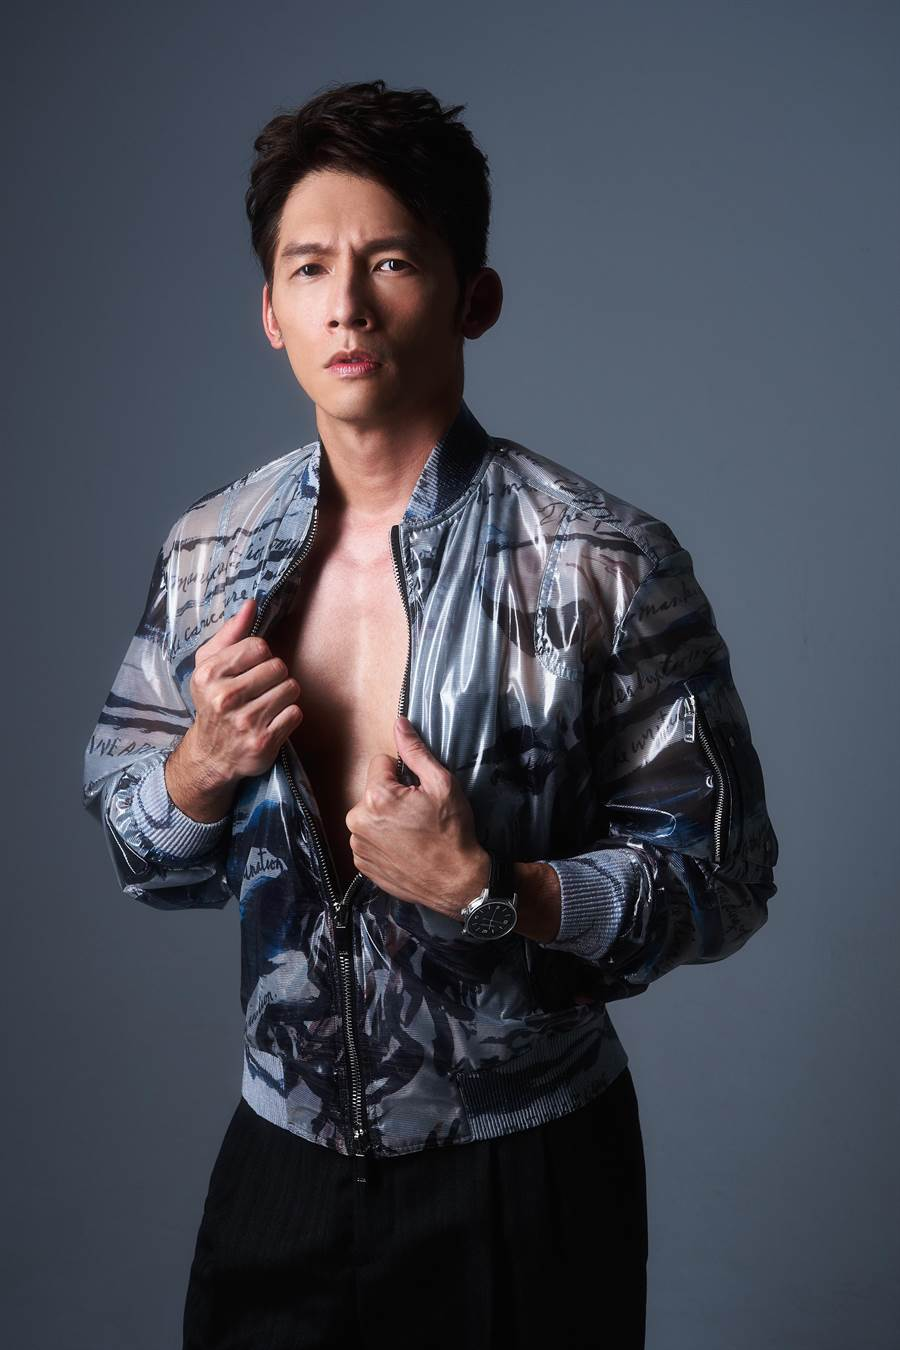 溫昇豪只要完成演藝作品或是遇到值得紀念的事,就會買只表犒賞自己,金鐘獎雙入圍的他最近已開始看表,愛彼表「CODE 11.59 」即是其一。 (JOJ PHOTO攝,服裝提供/Dior Homme)